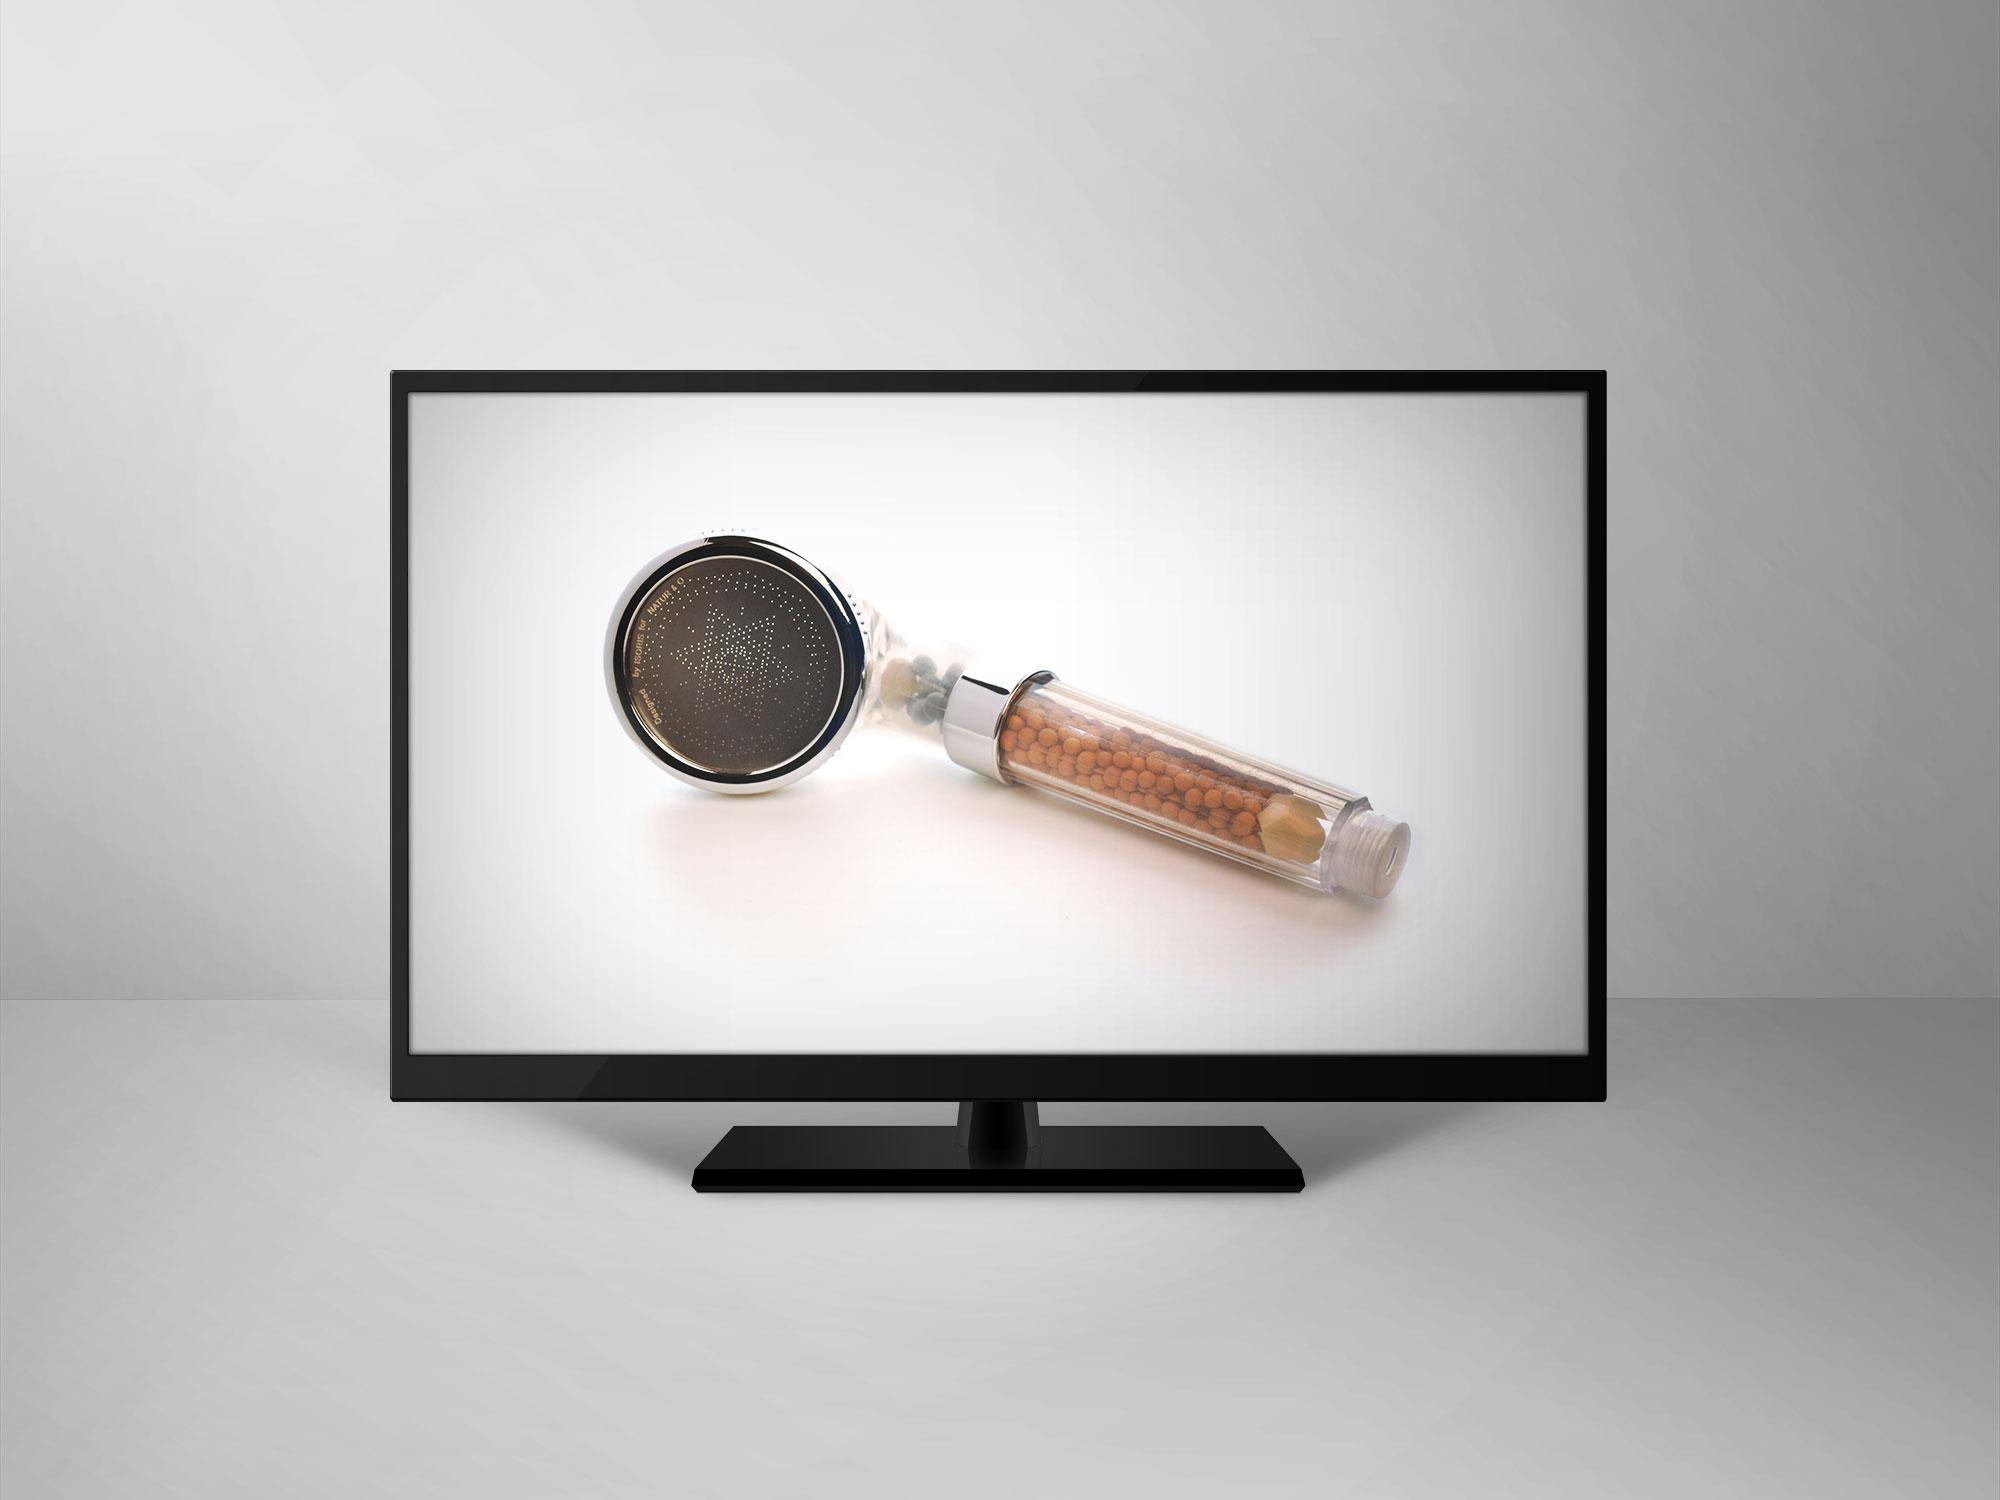 vidéo de produit à 360°